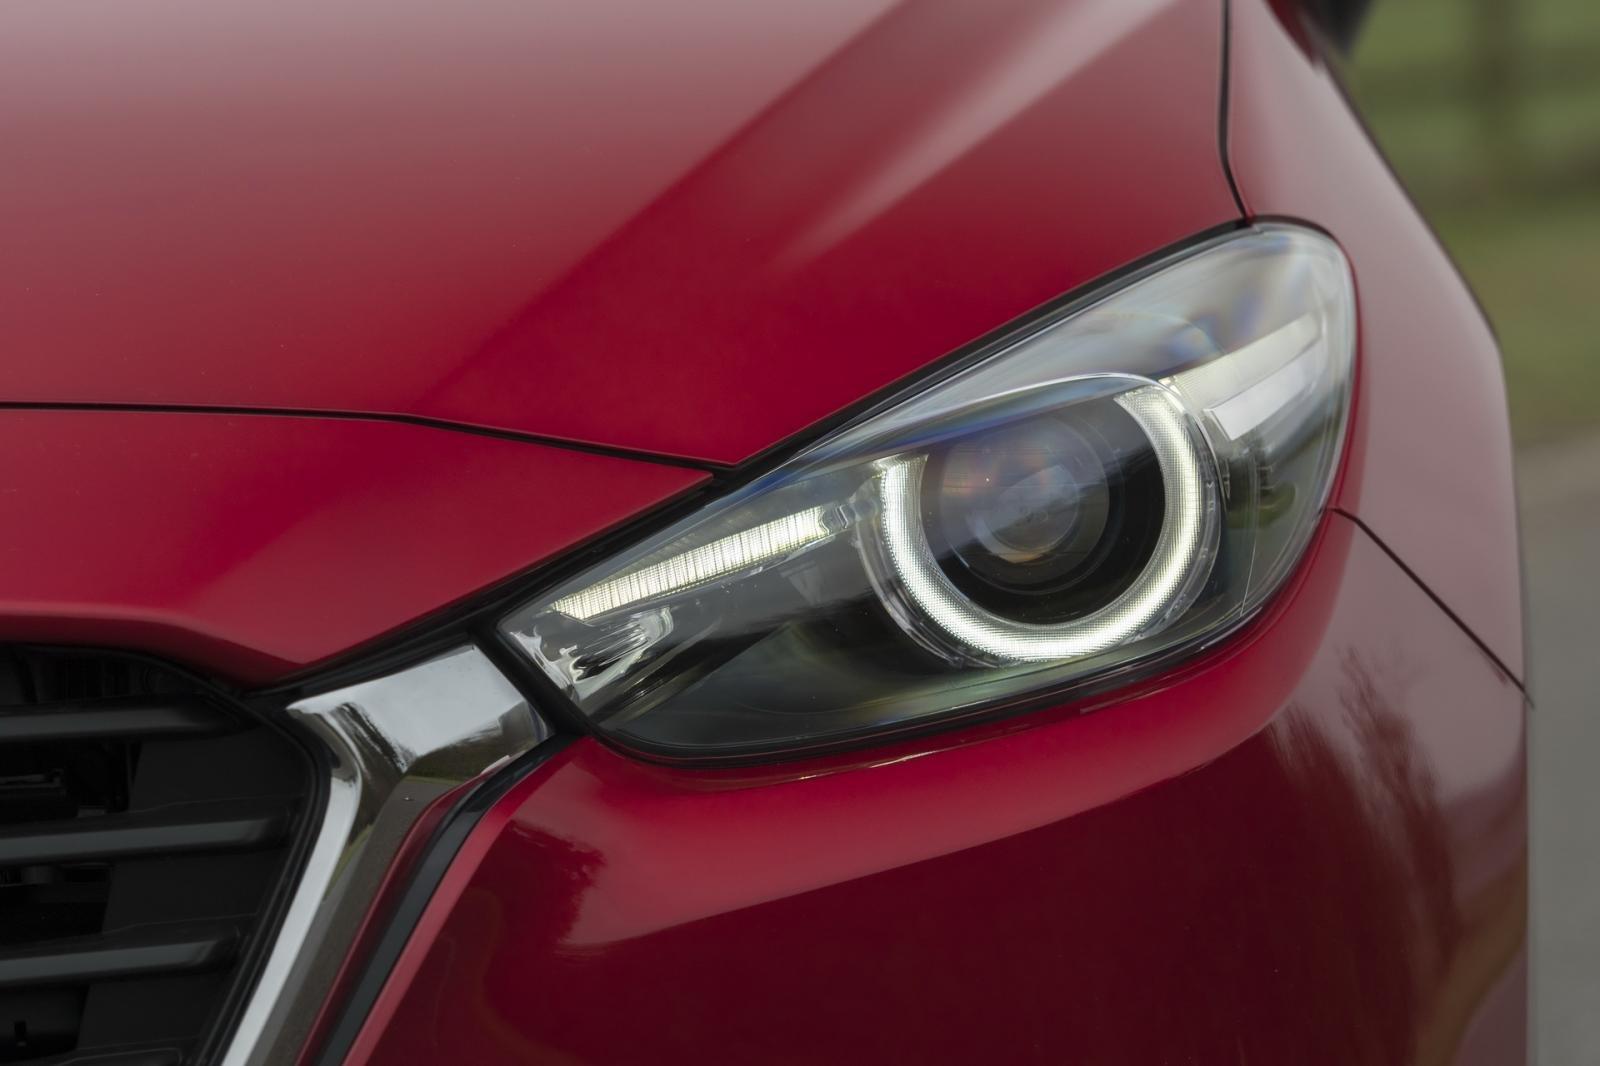 So sánh qua ảnh xe Mazda 3 Sport 2020 và đời cũ a4